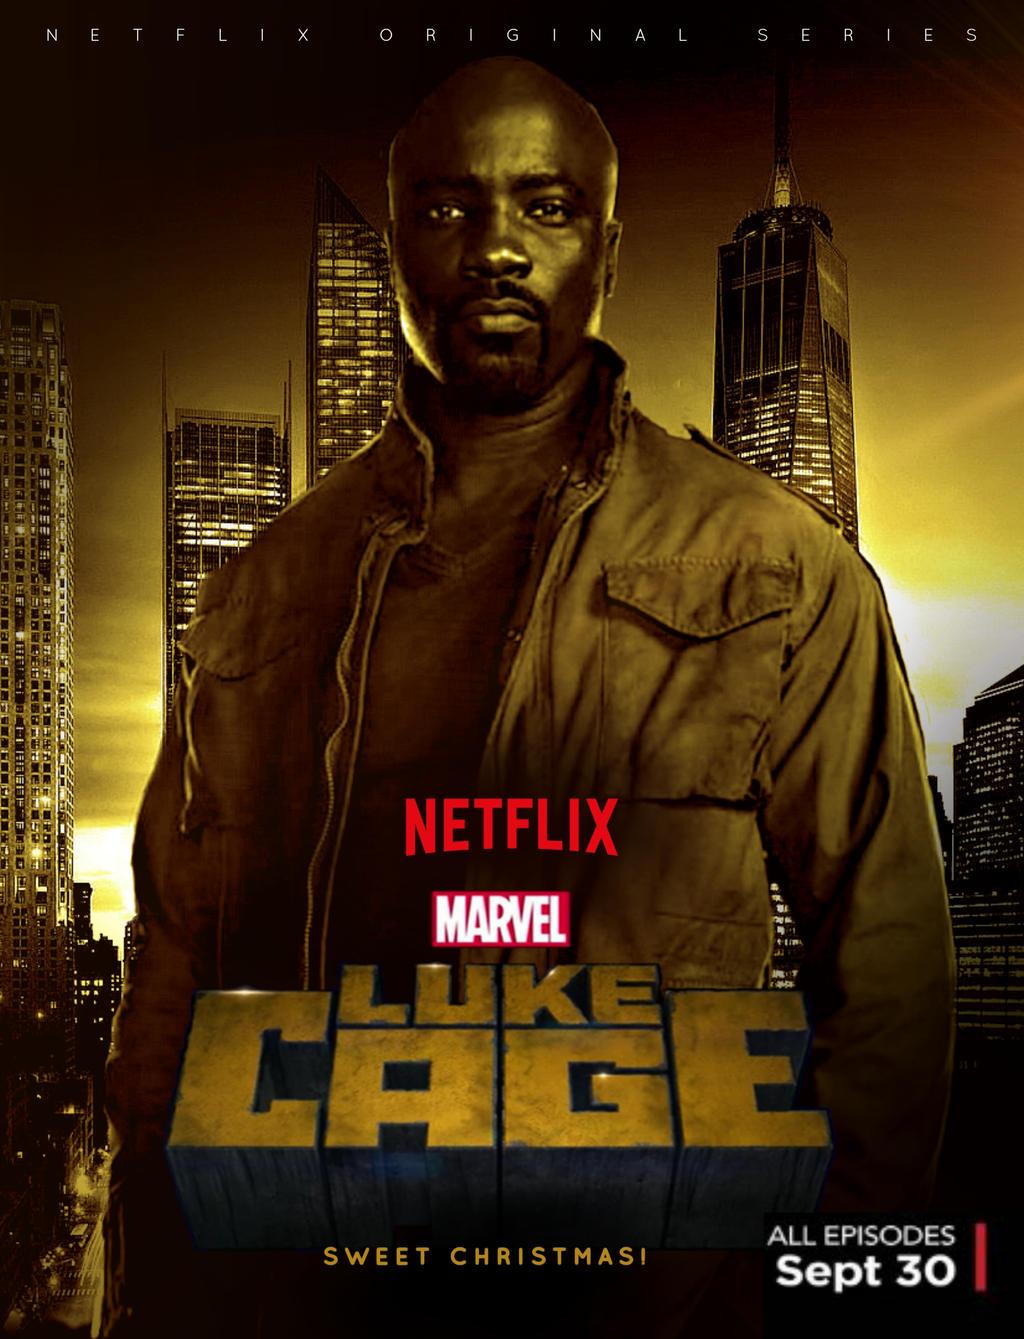 Luke Cage Marvel Wallpaper Imgkid Com The Image